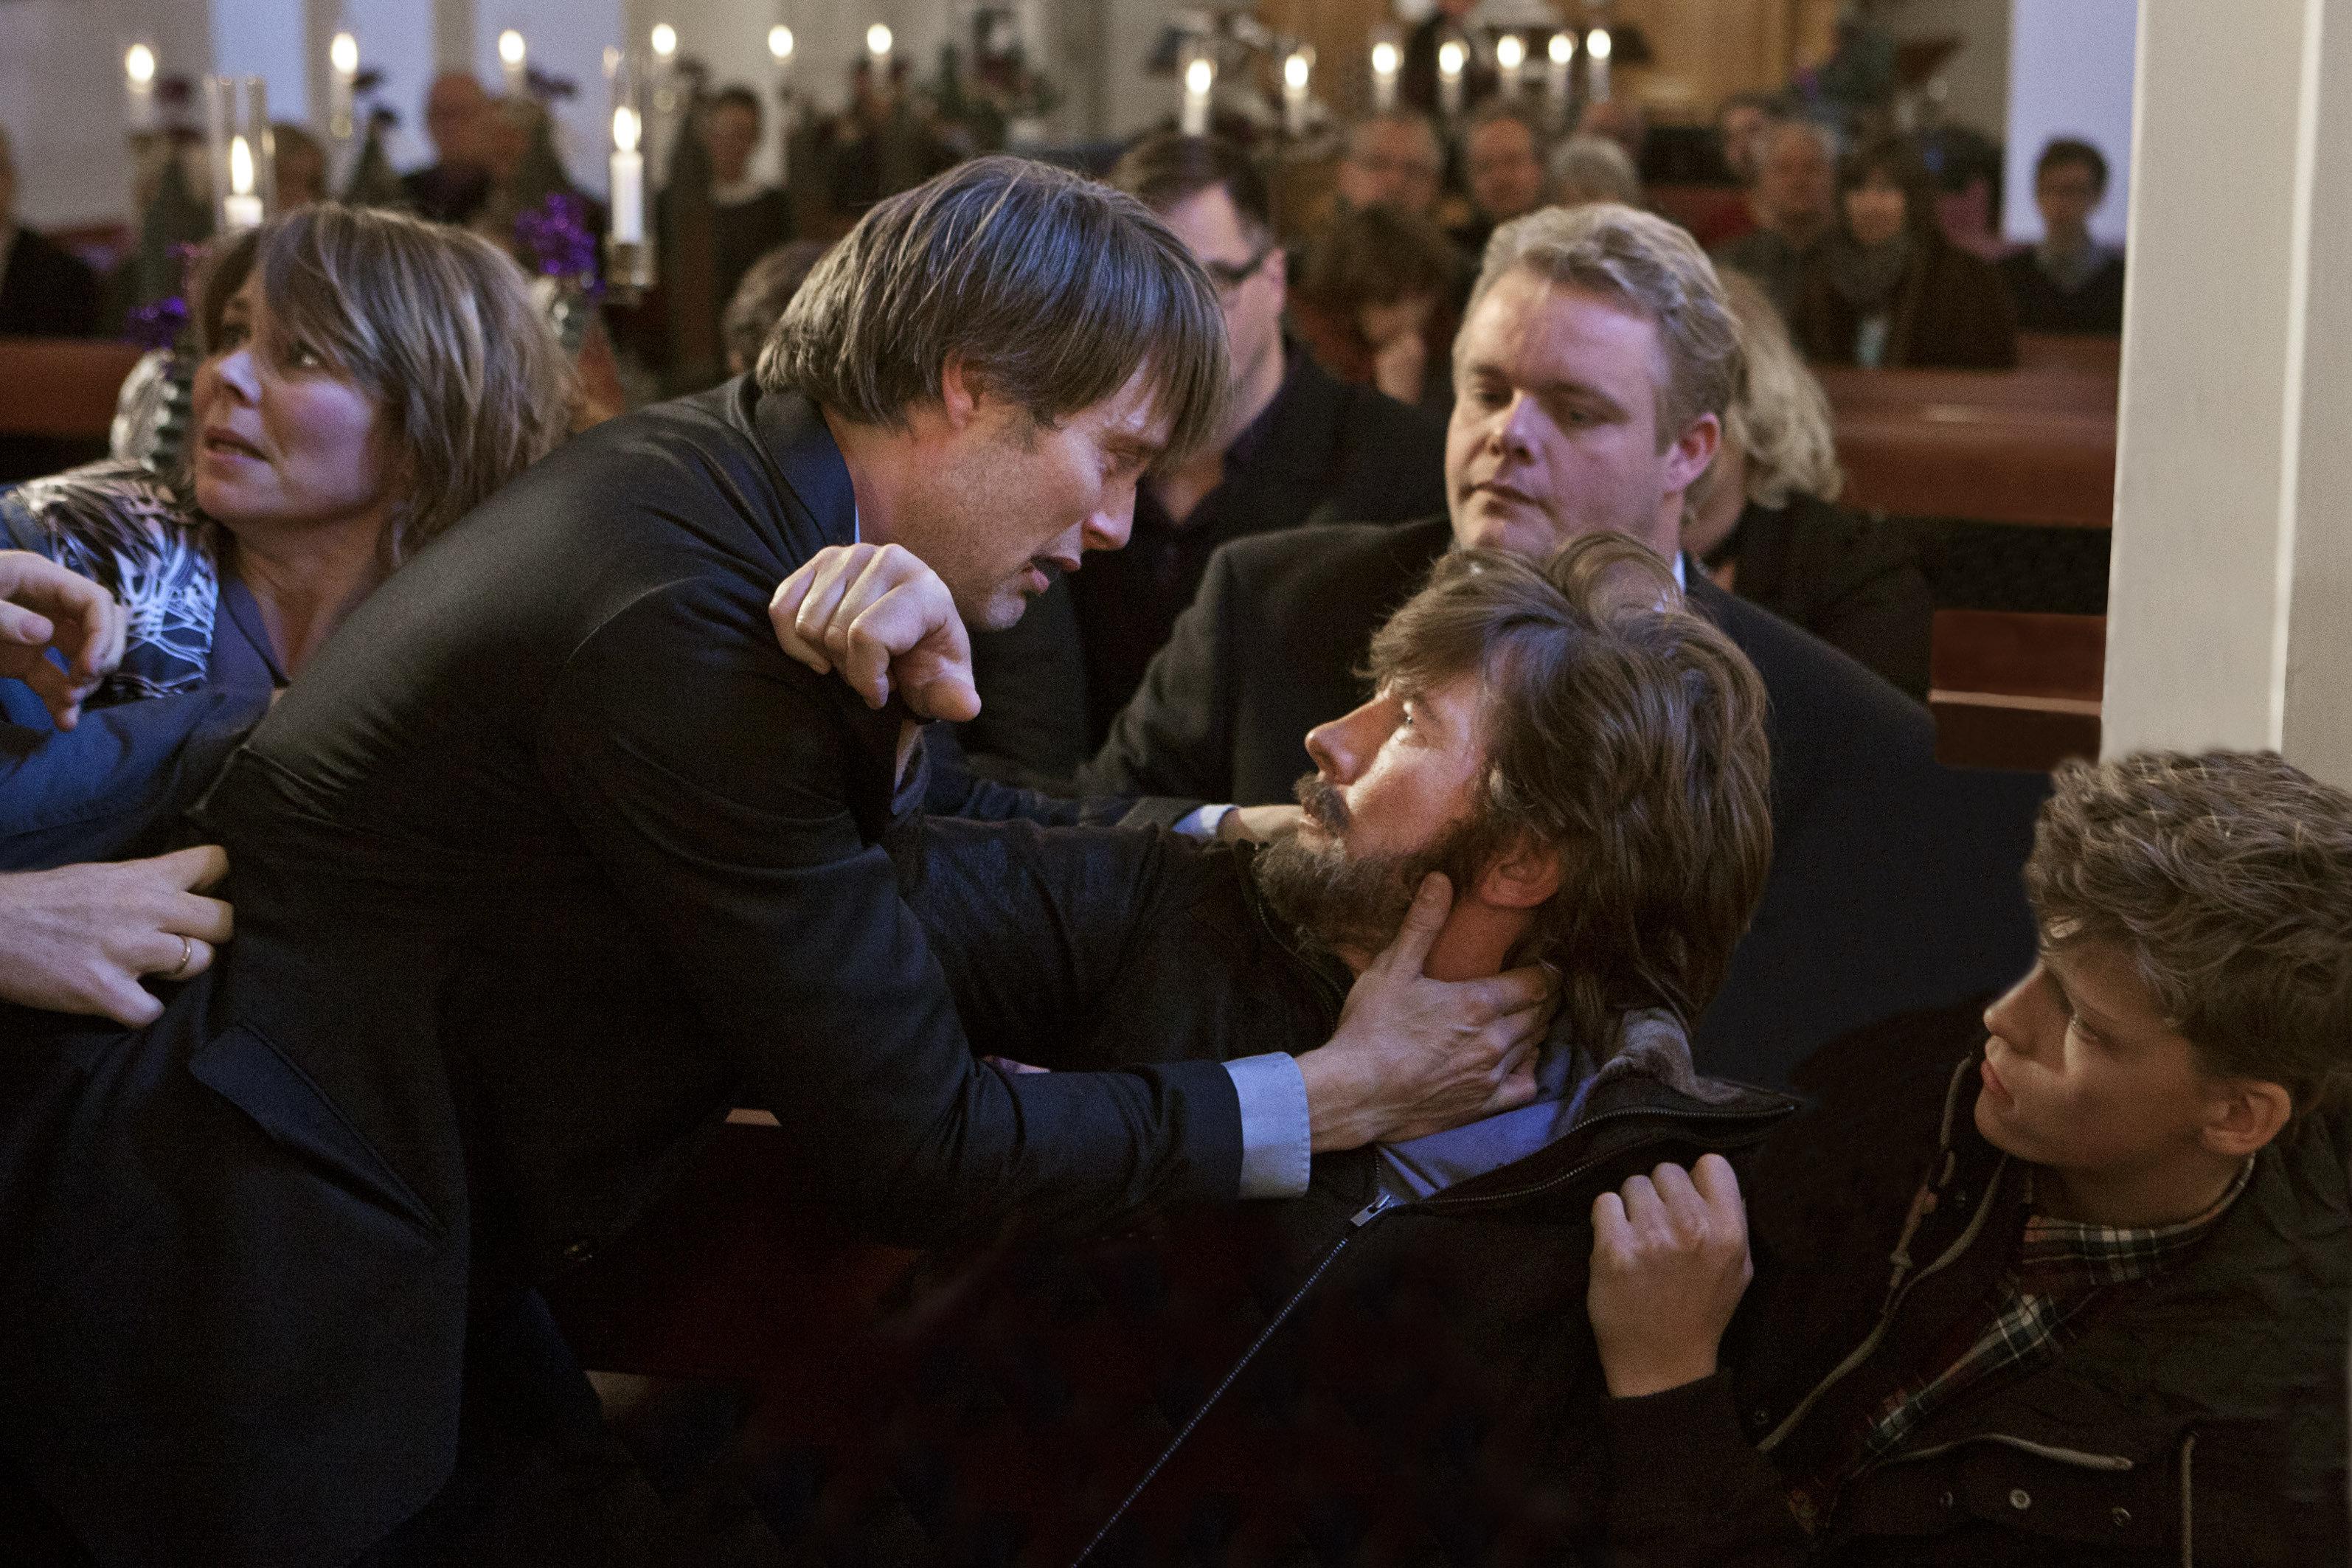 Anne Louise Hassing, Thomas Bo Larsen, Mads Mikkelsen, Daniel Engstrup, and Sebastian Bull Sarning in Jagten (2012)